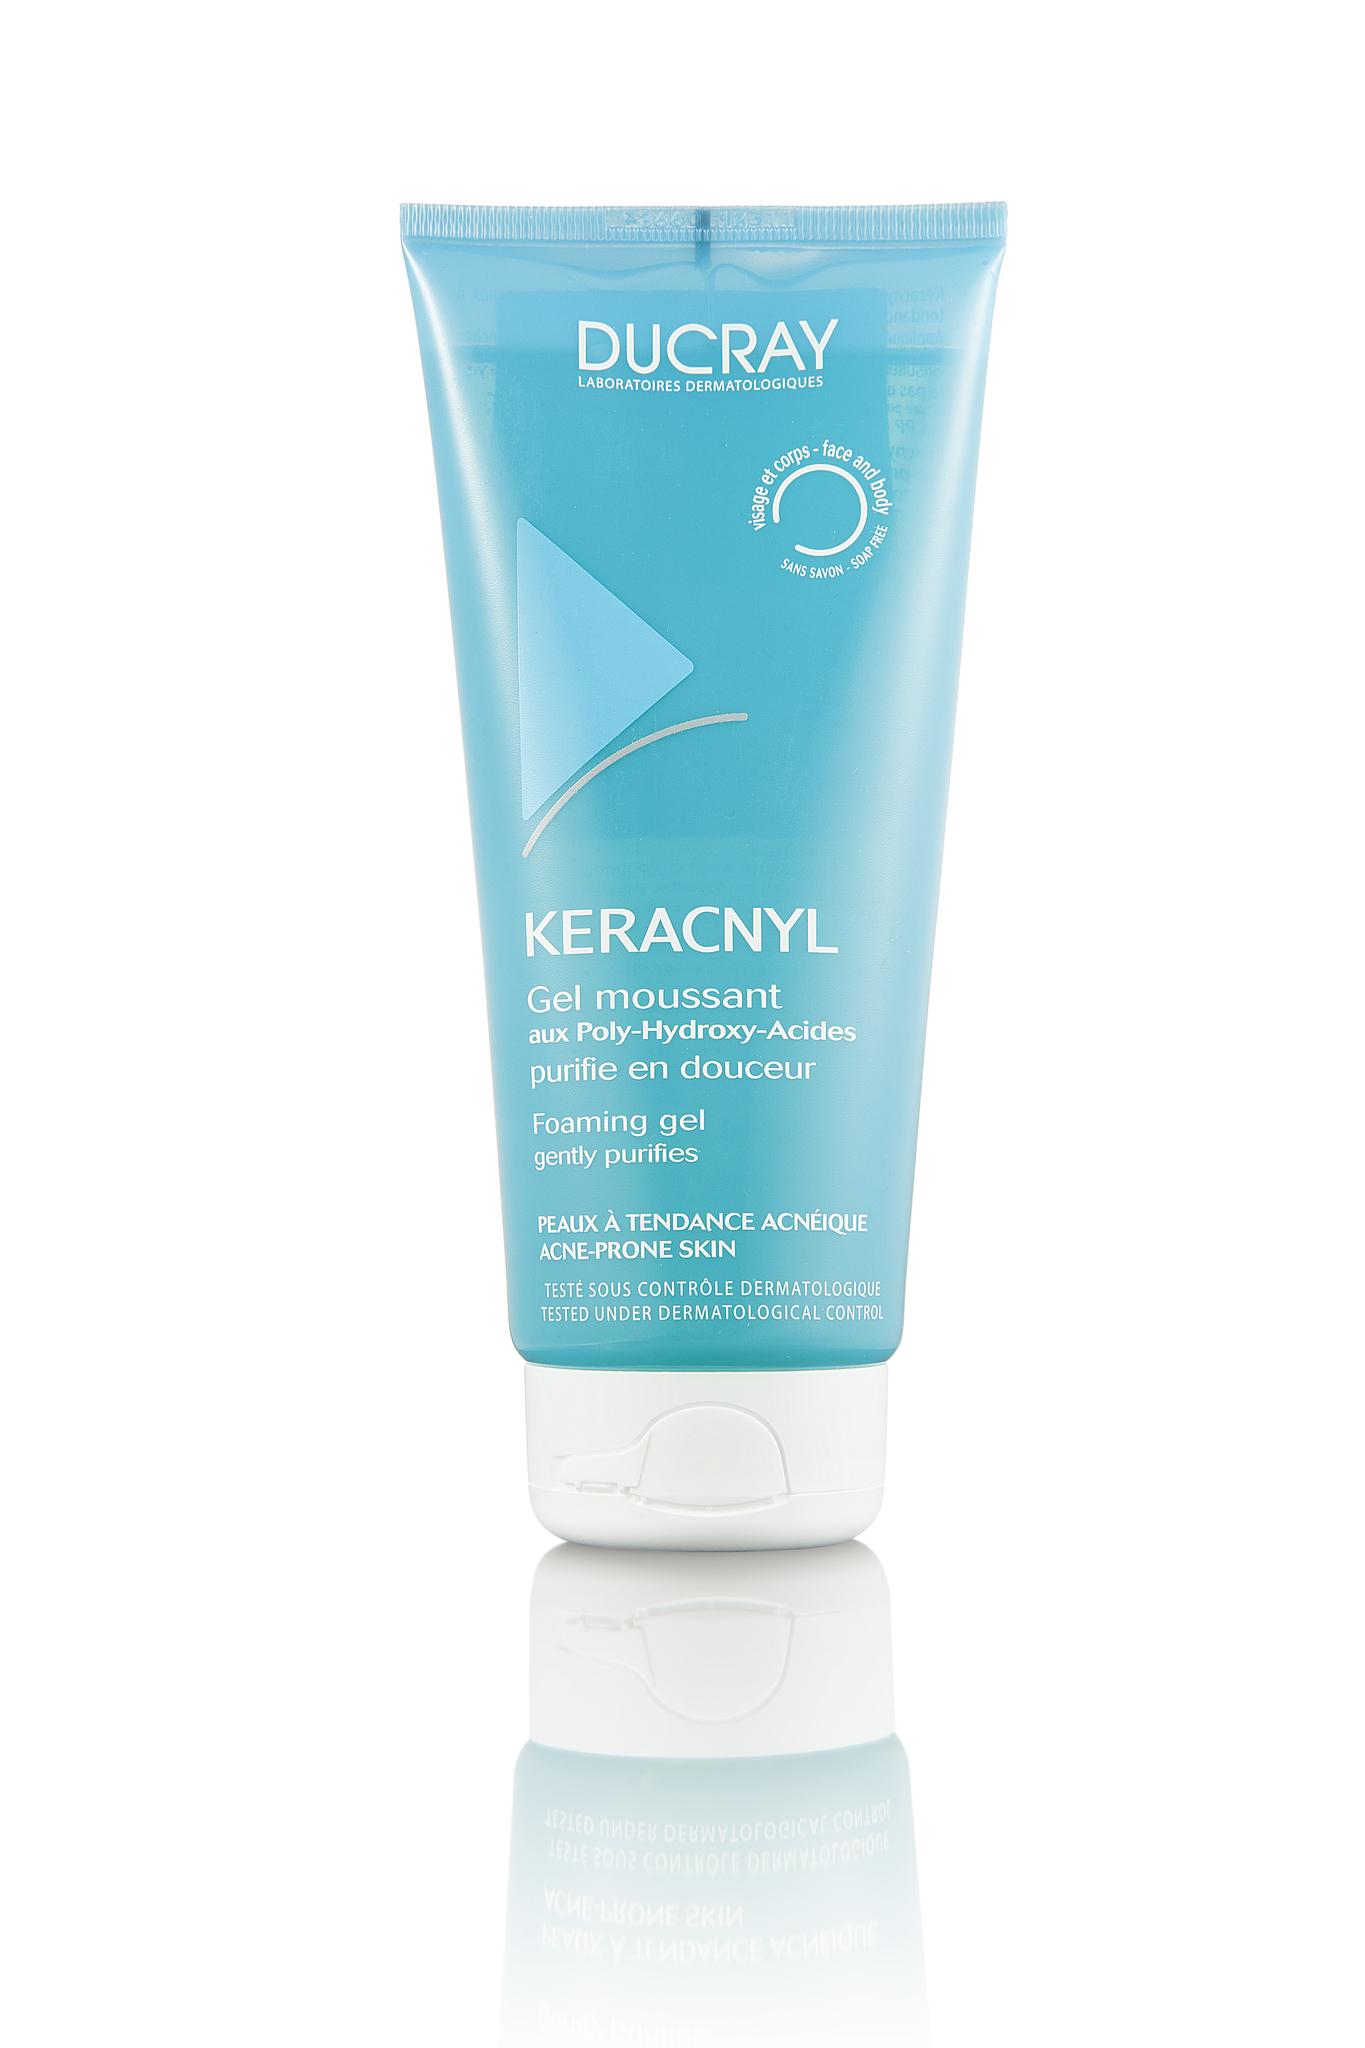 Ducray Keracnyl гель для проблемной кожи 200 мл.